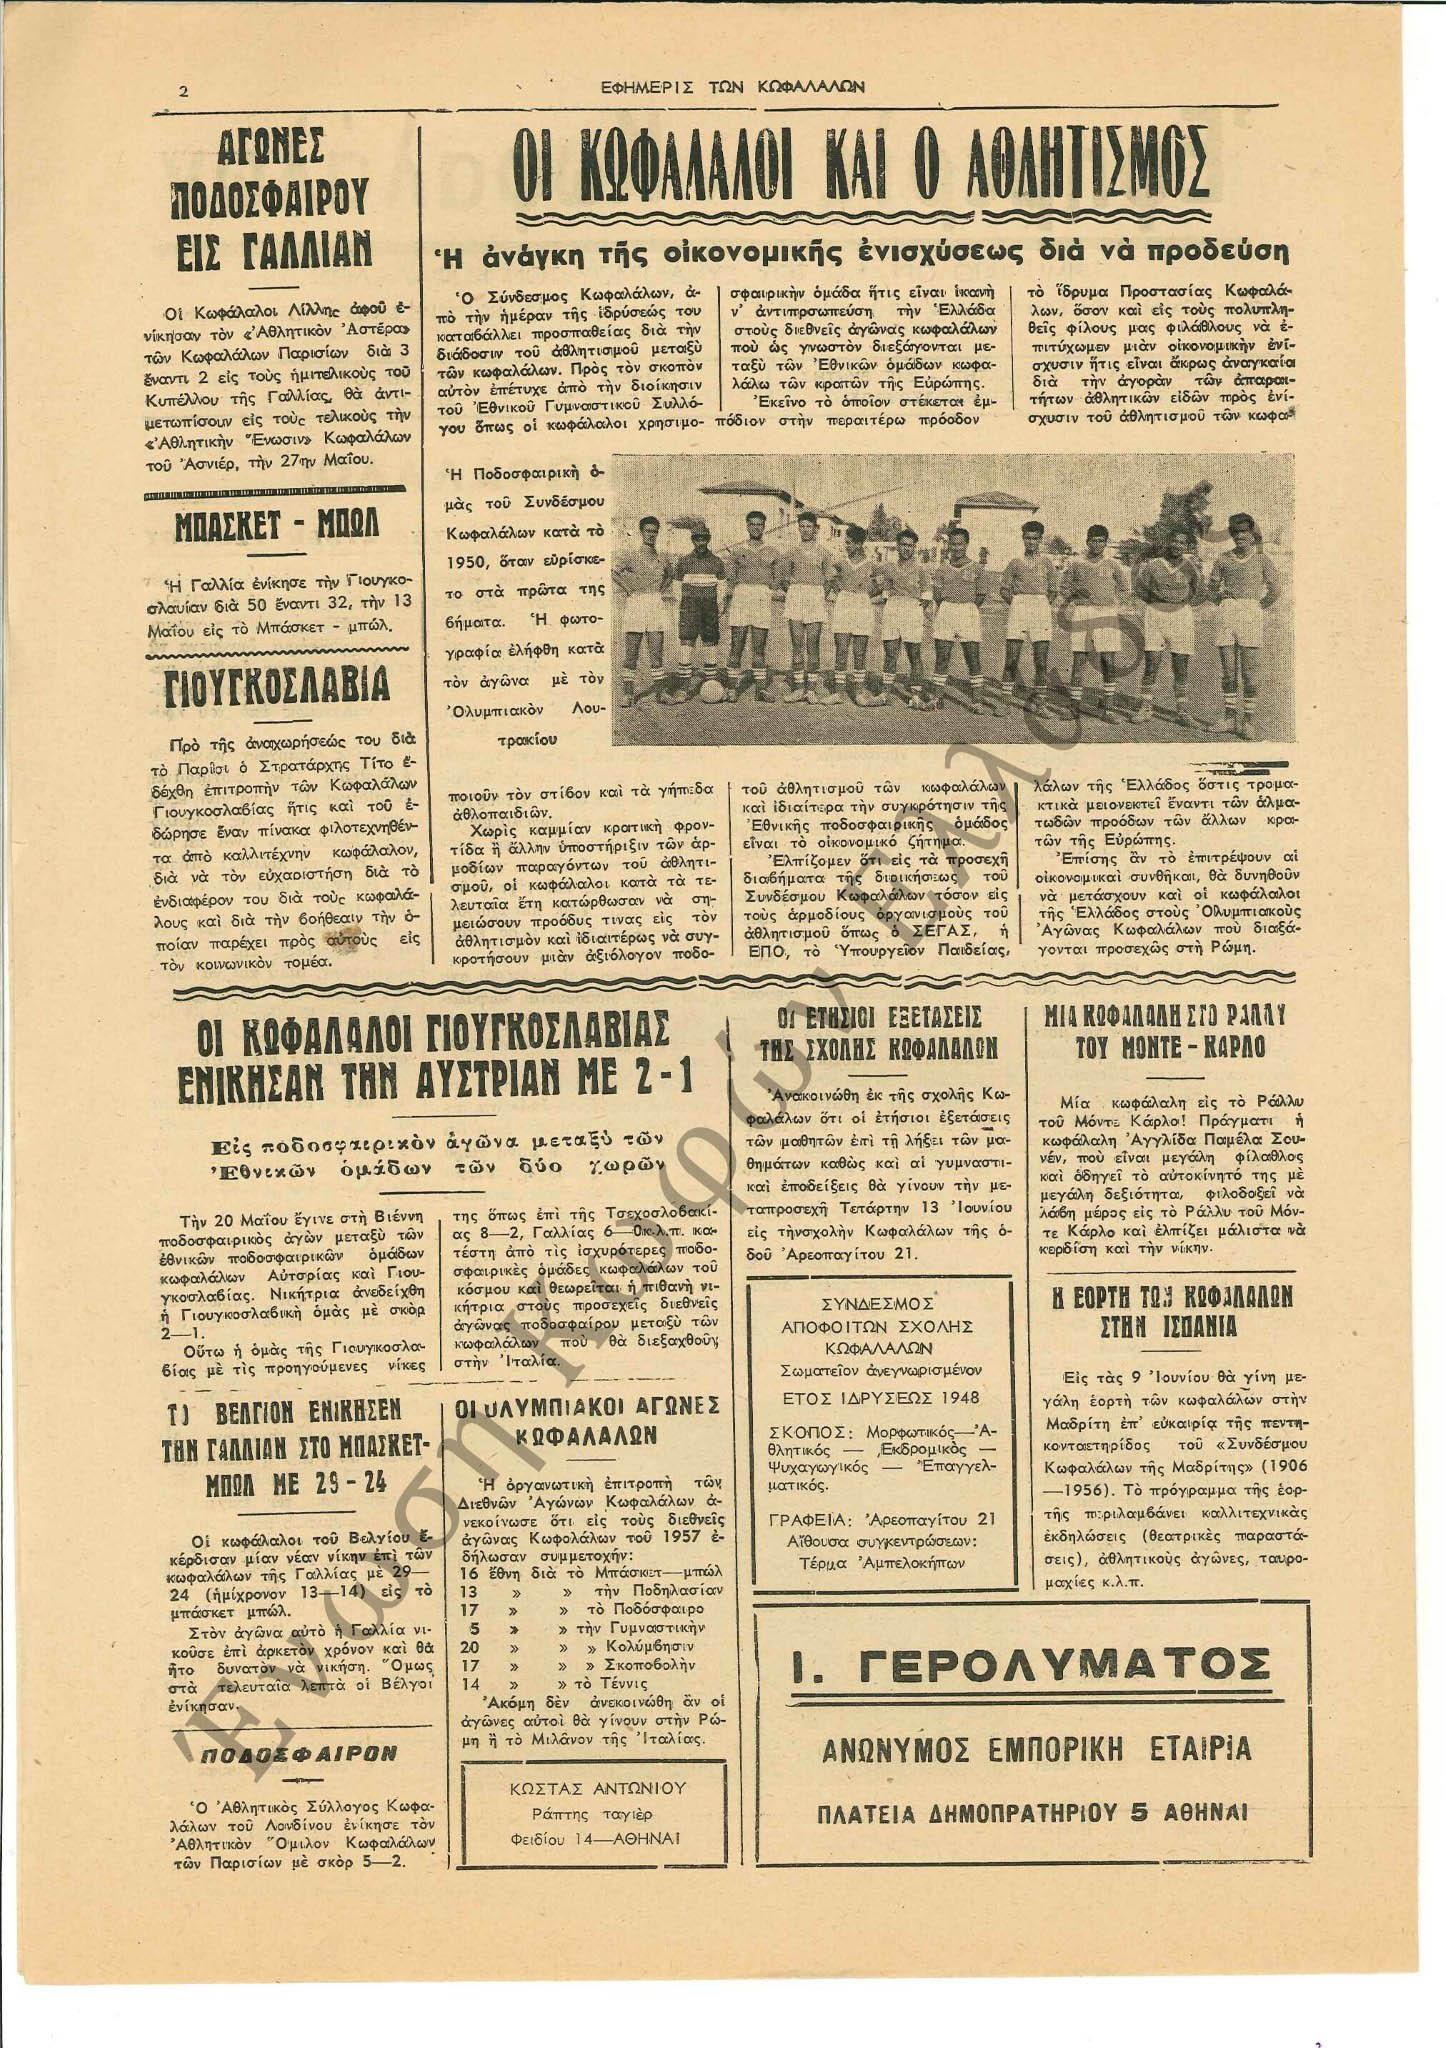 Εφημερίς των Κωφαλάλων 1956-Ιούνιος 2